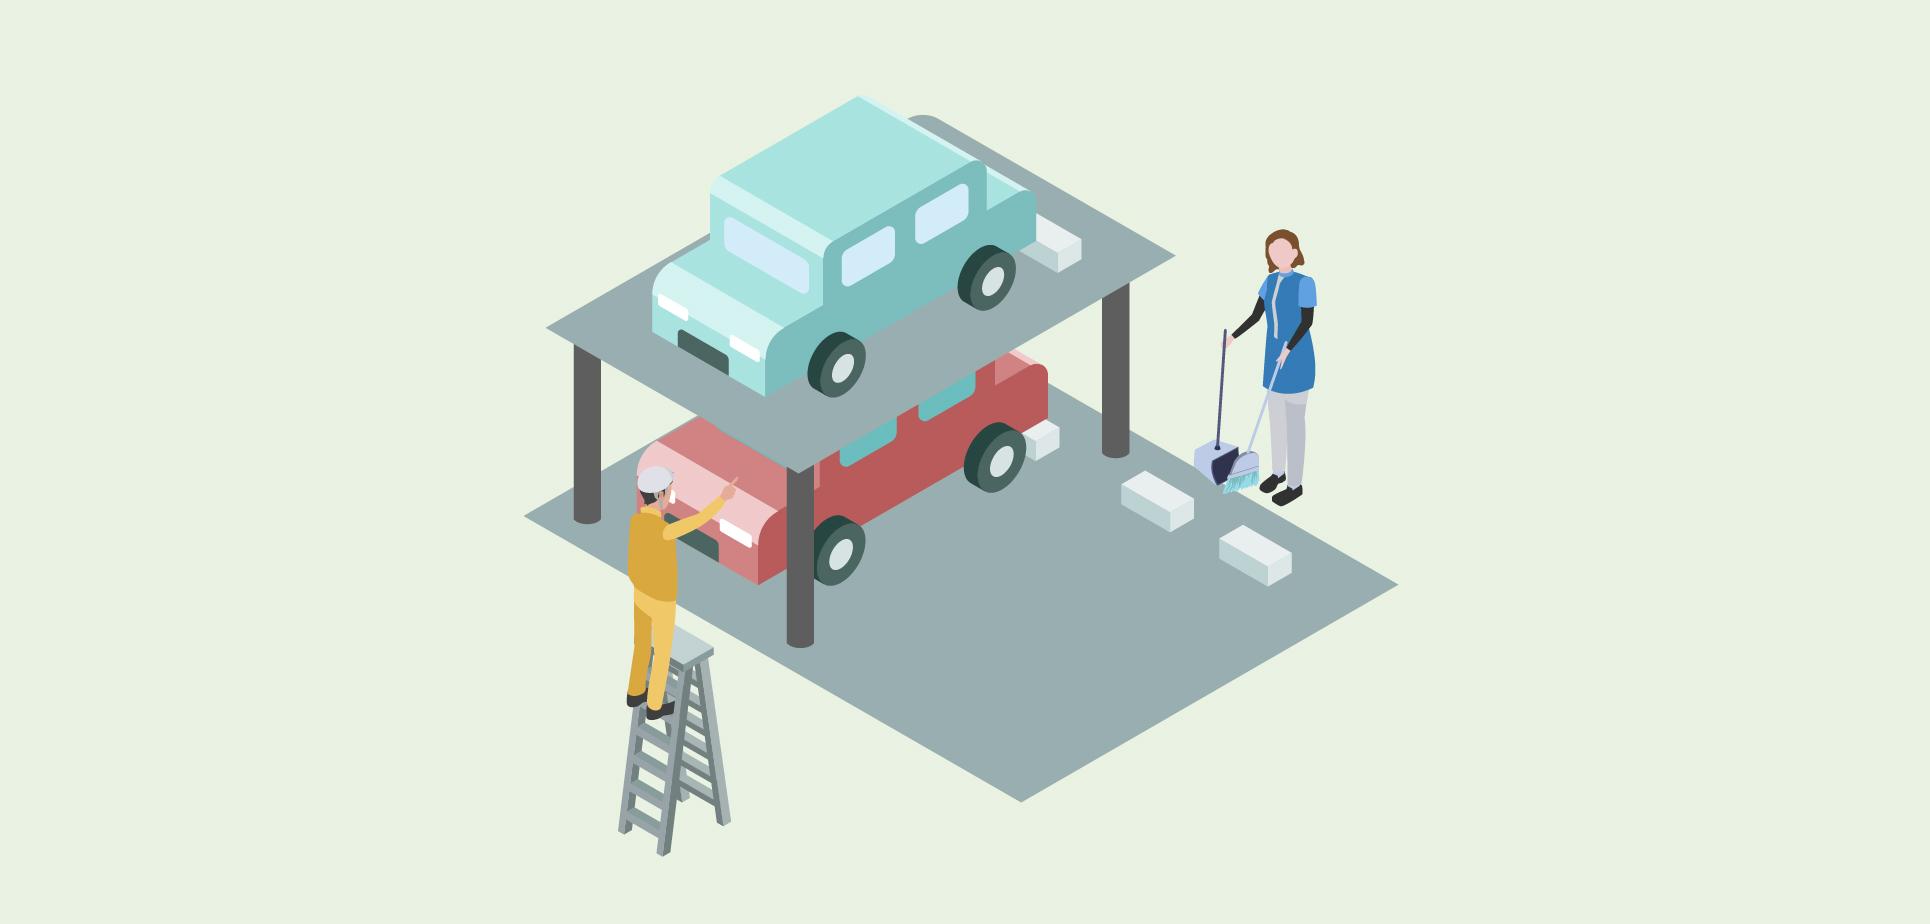 立体駐車場で手前の従業員の方が整備をしており、奥の従業員の方は清掃をしているイメージ